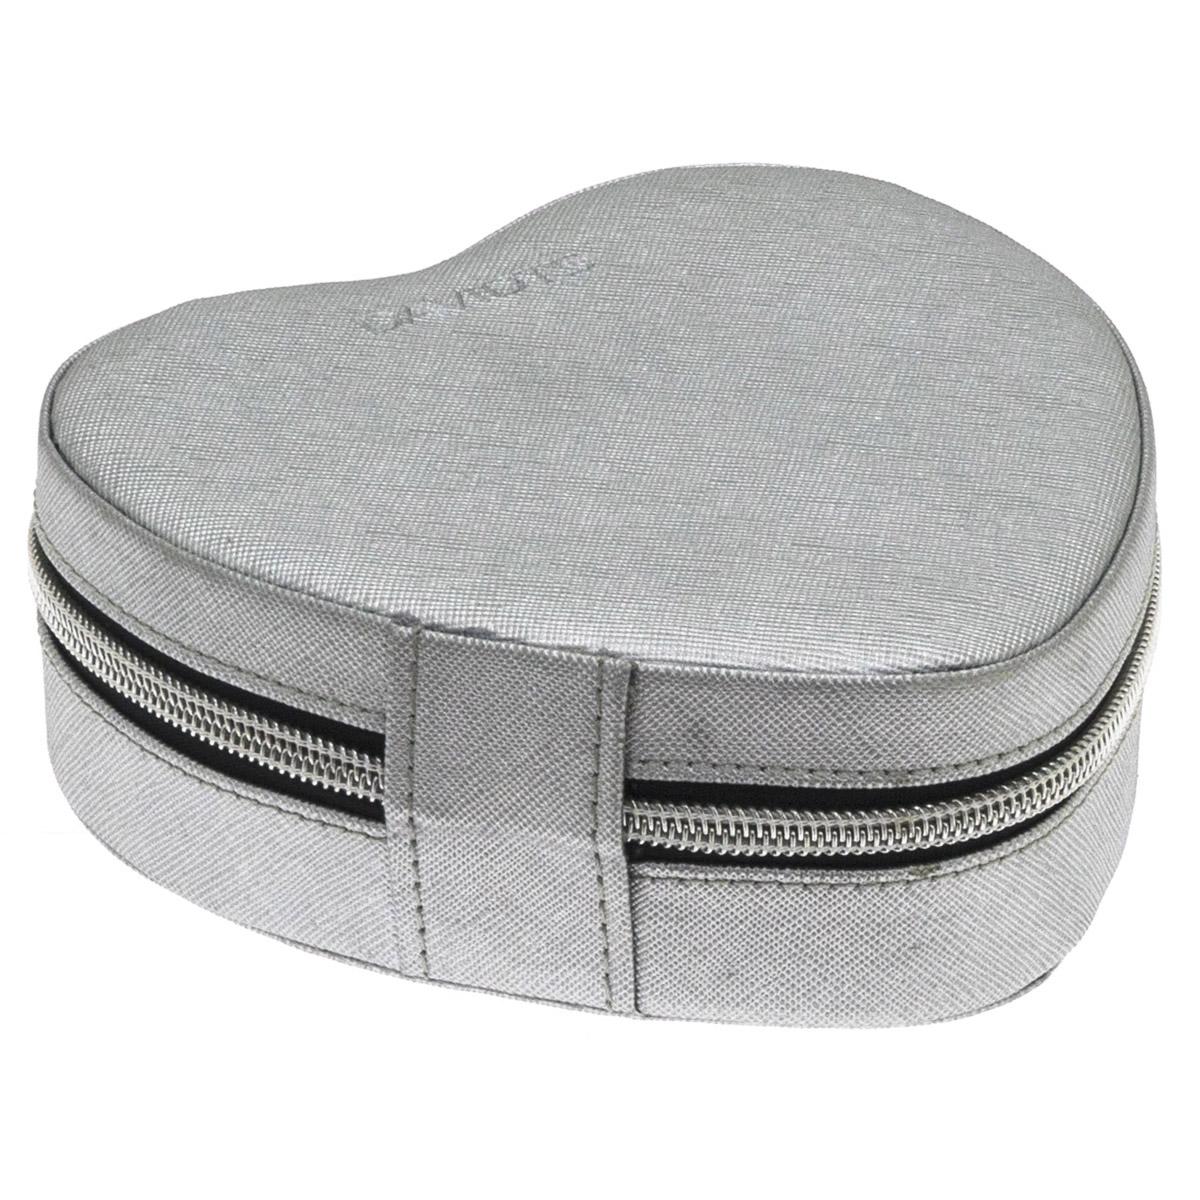 Coffret à bijoux zippé \'Zip\'n go\' gris argenté (coeur) - 14x14x5 cm - [Q9926]